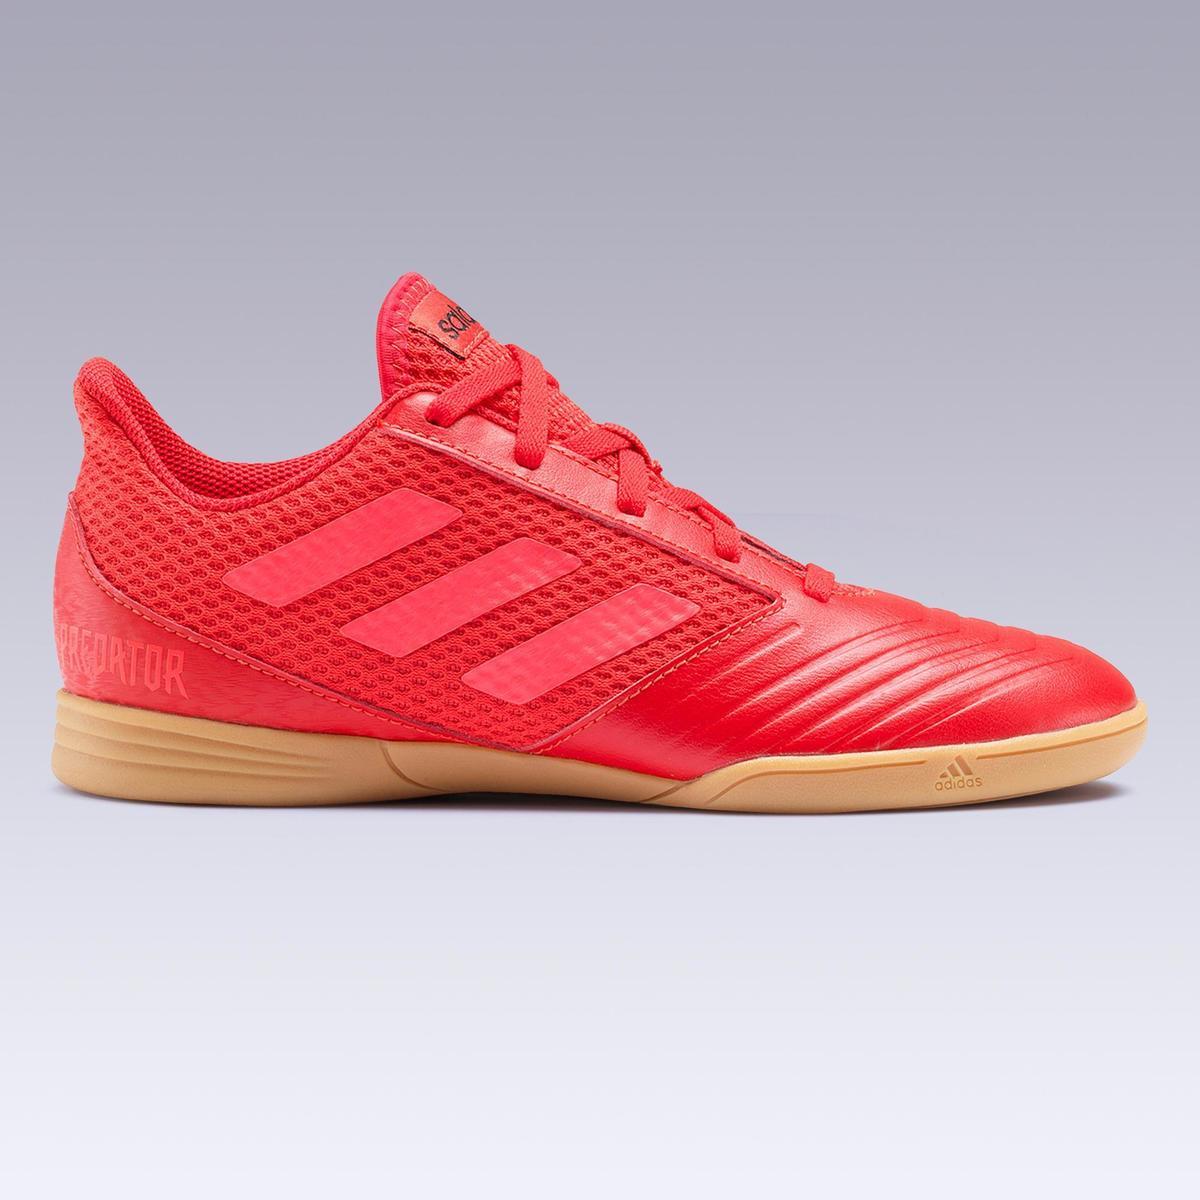 Bild 2 von Hallenschuhe Futsal Fußball Predator Tango 4 FS19 Kinder rot